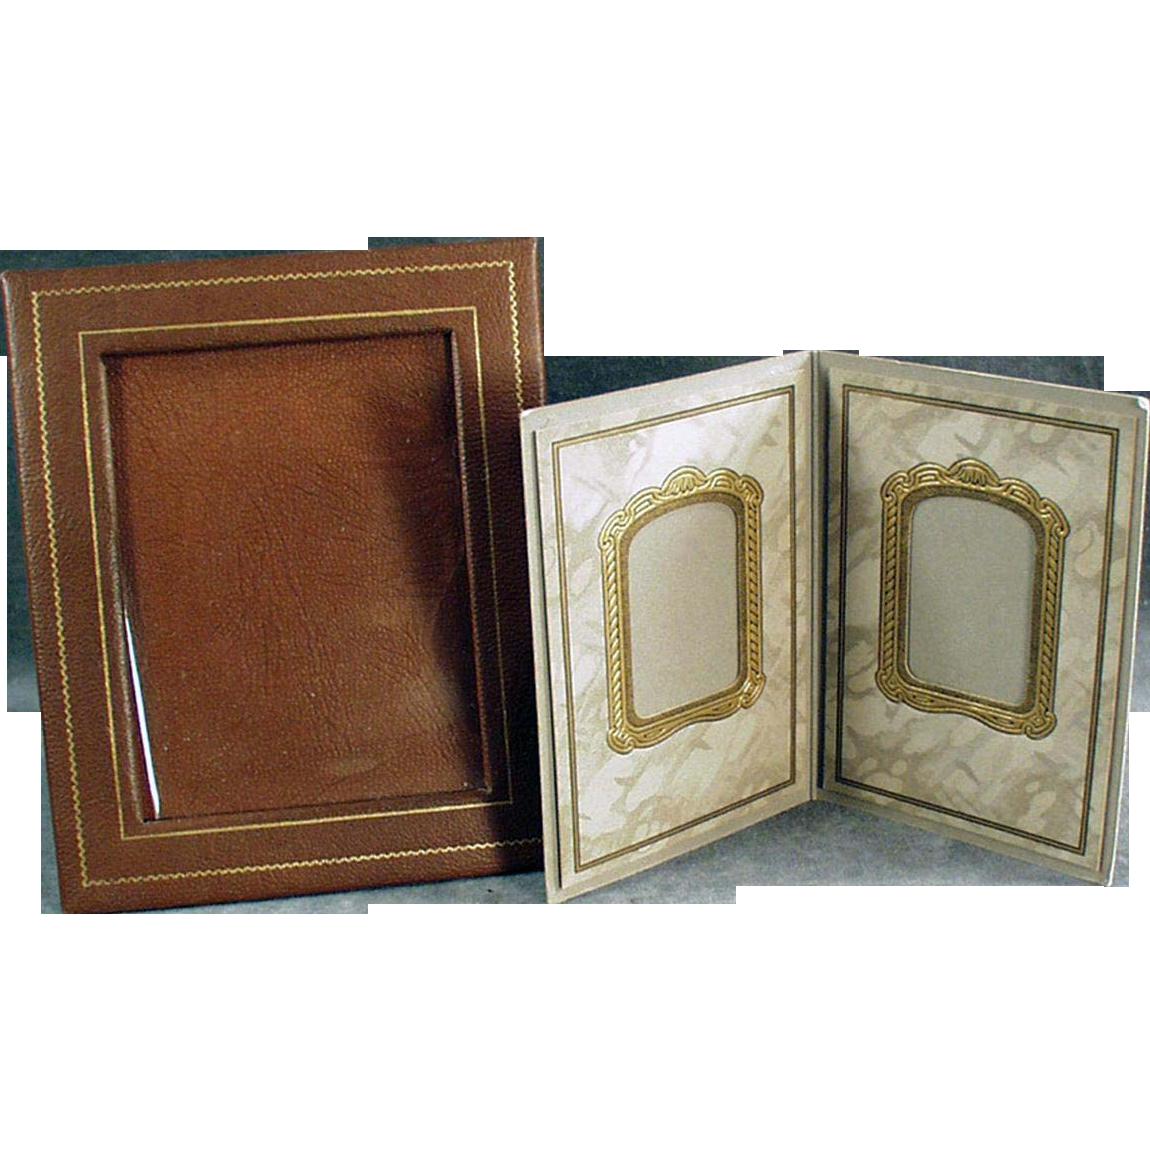 Two Vintage Photograph Frames - Paper Easel Frames - Nice for a Desk or Mantle